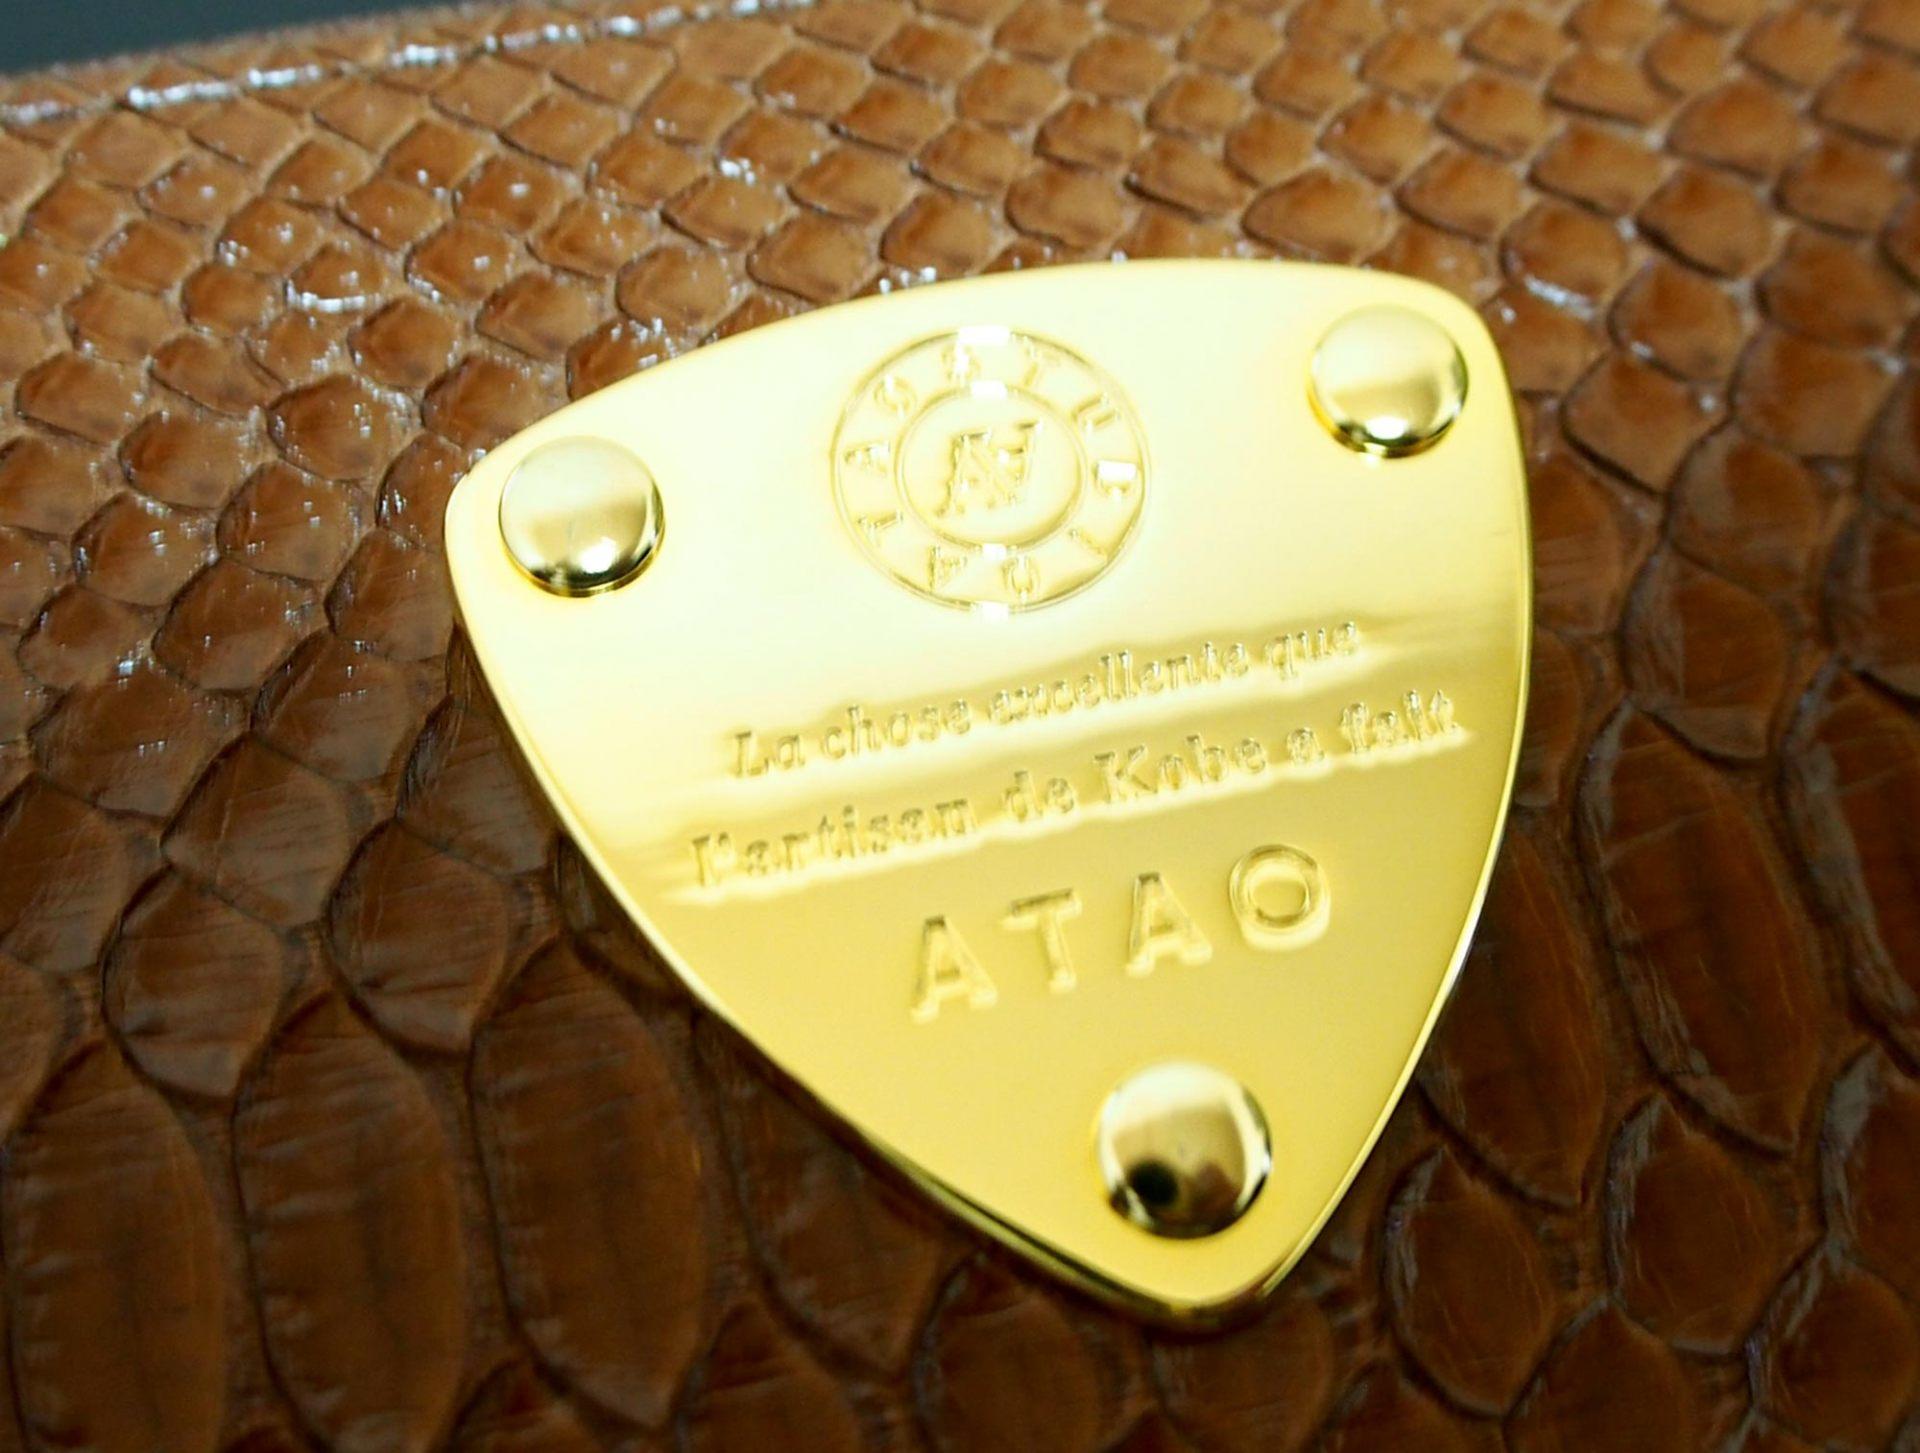 黃金色的金屬片是ATAO的特徵